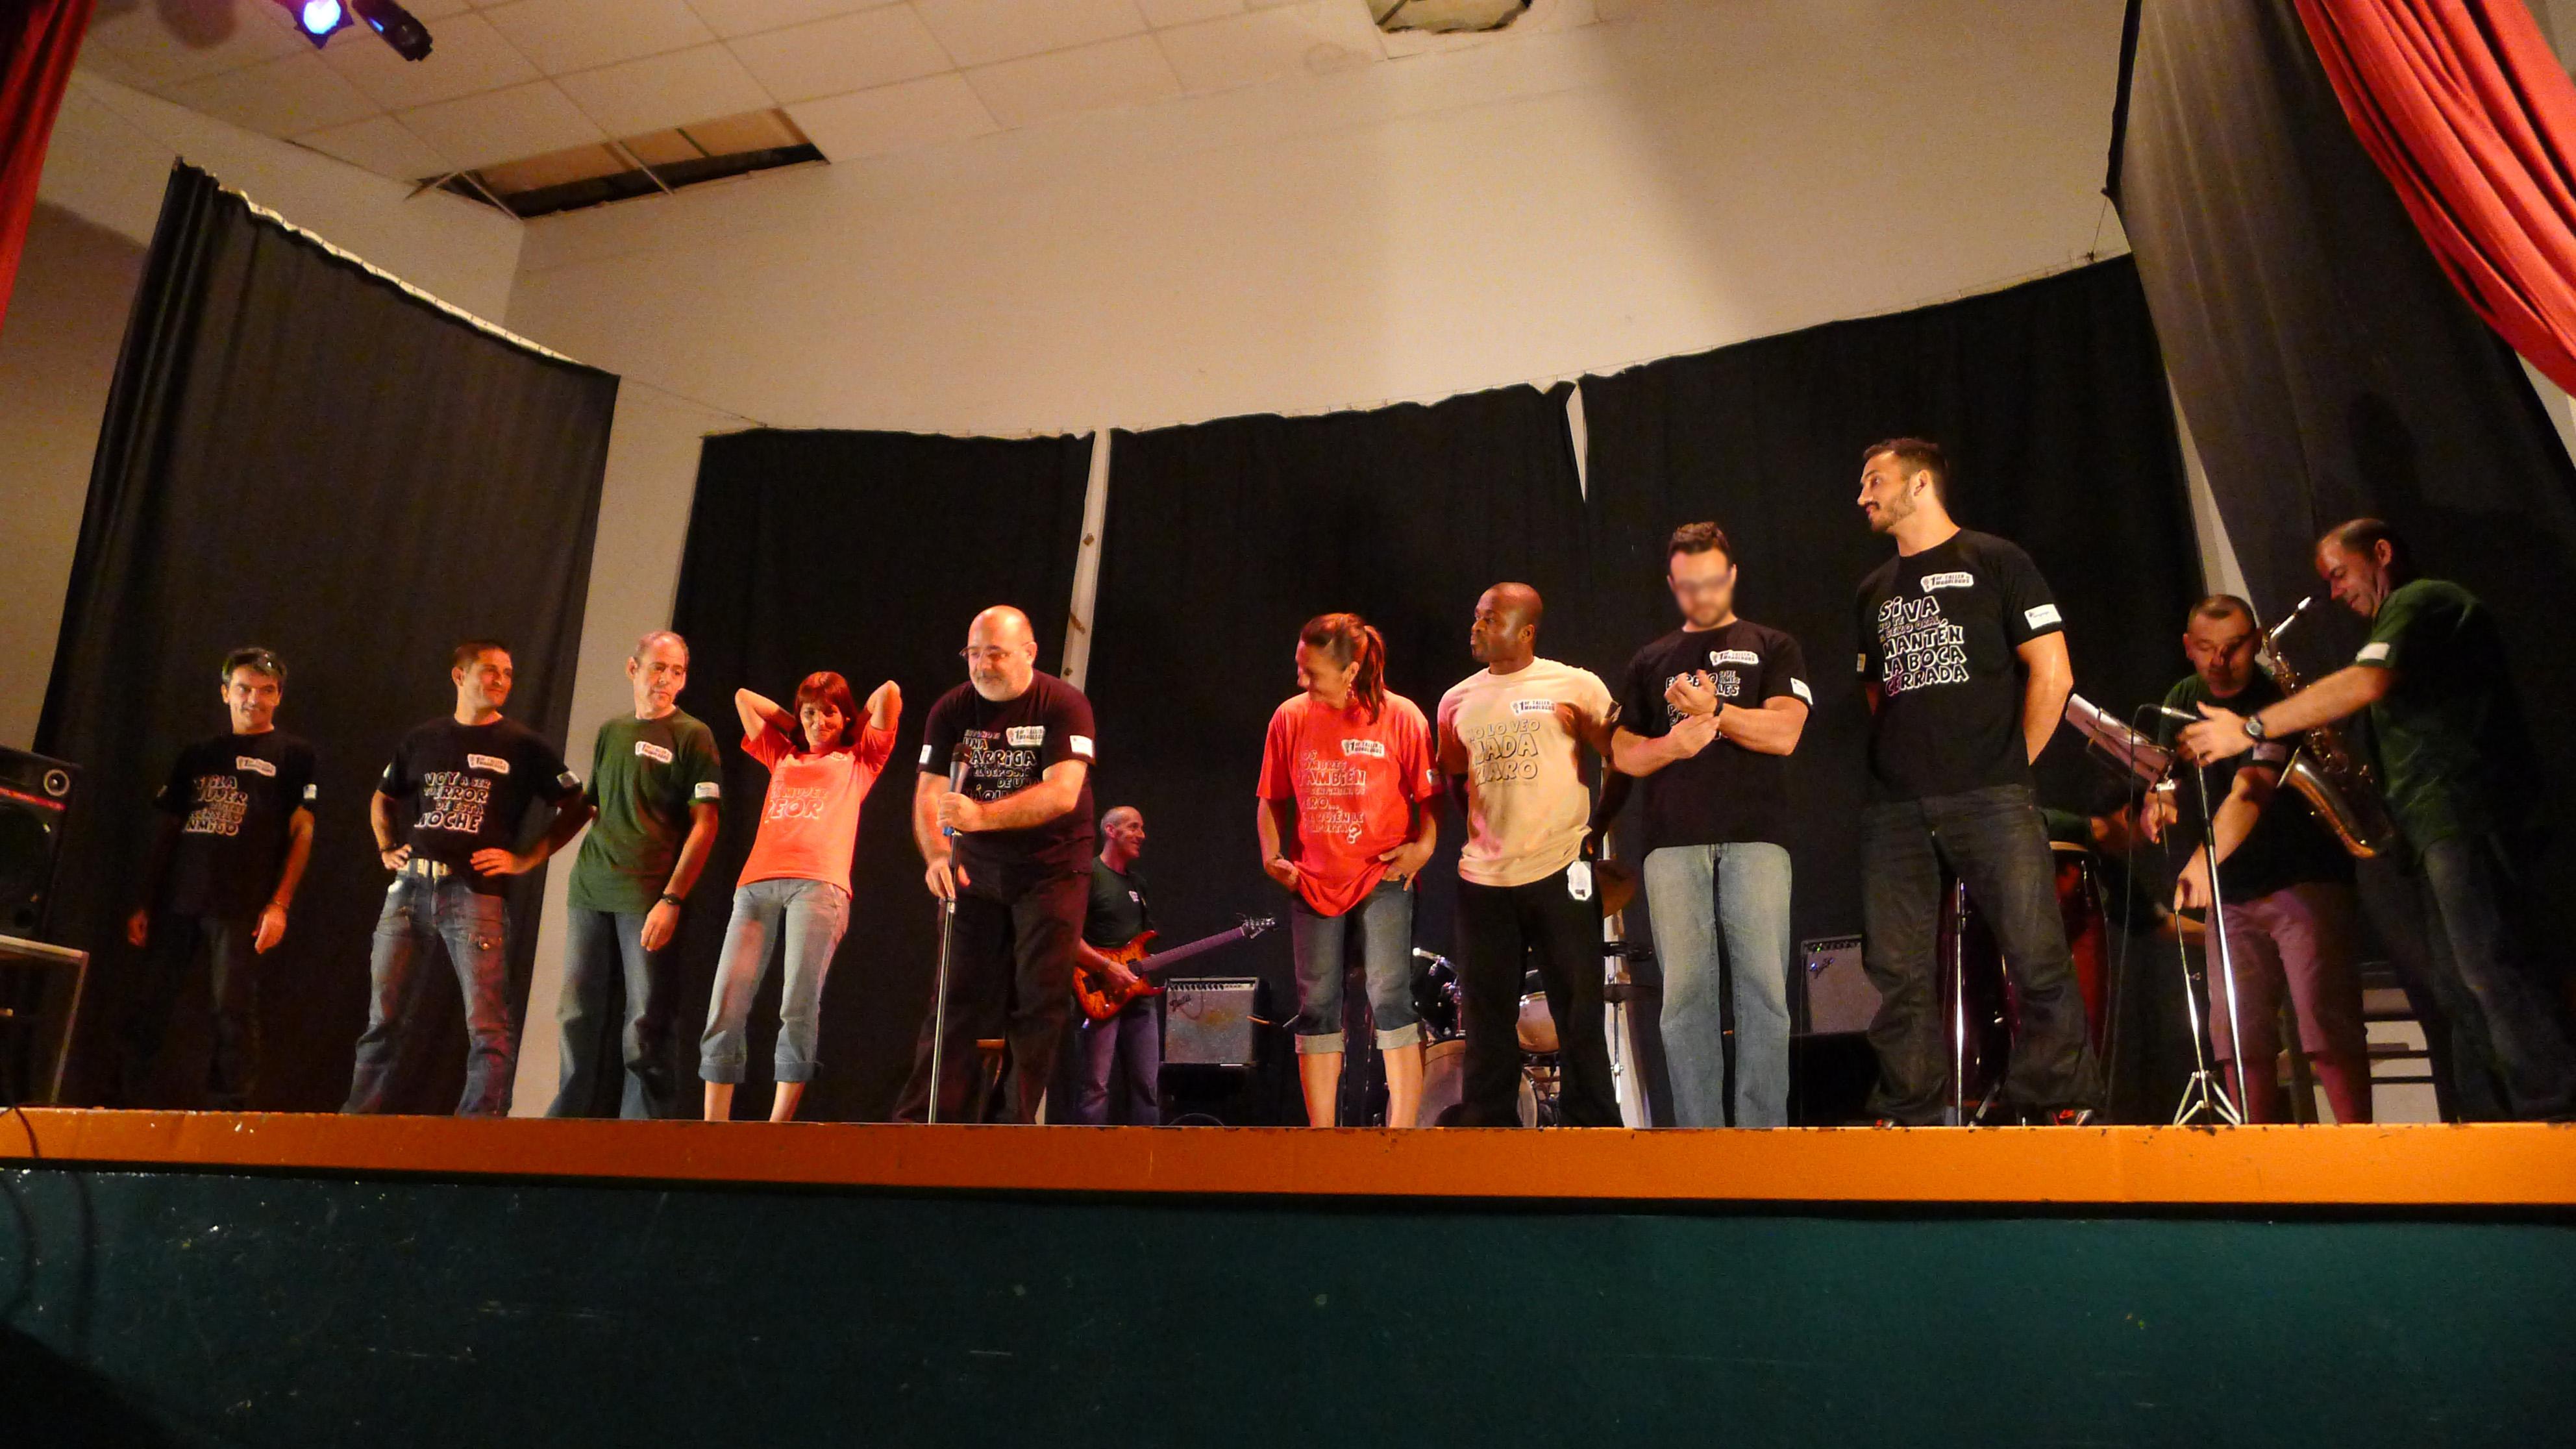 Voluntarios Telefónica ha formado a los monologuistas durante más de dos meses para la actuación final.